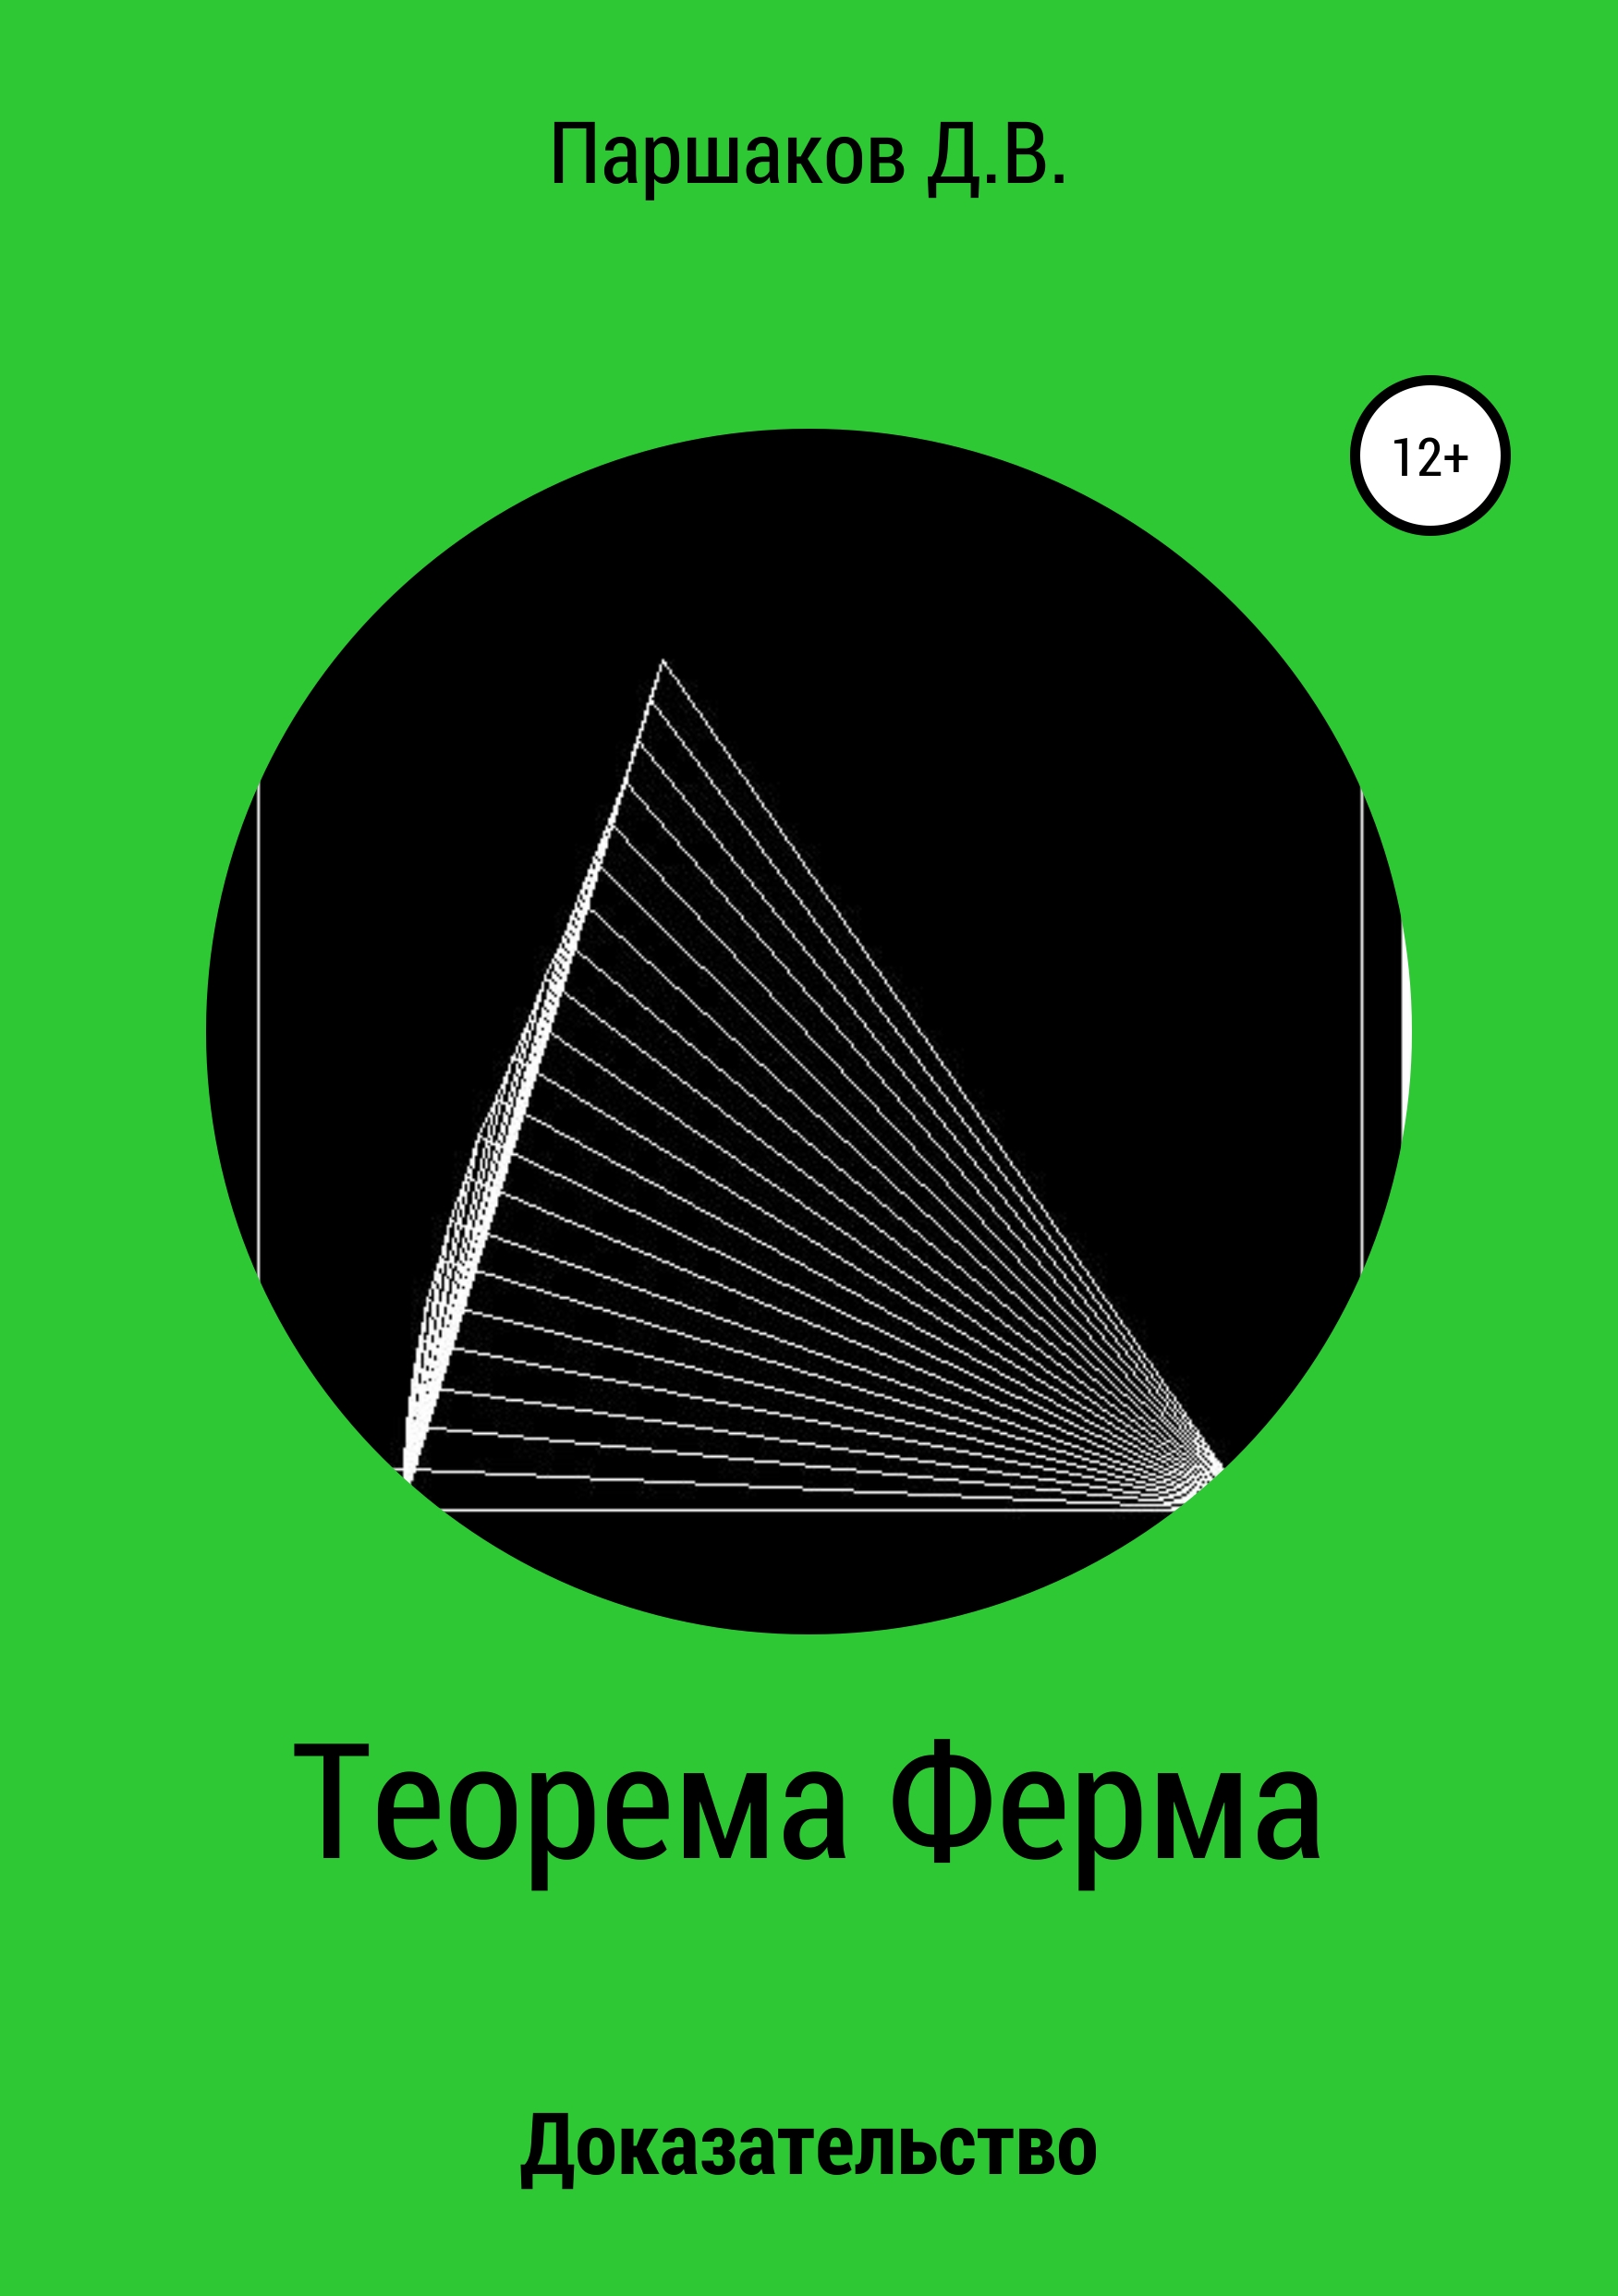 Дмитрий Васильевич Паршаков Теорема Ферма. Доказательство дмитрий васильевич паршаков хомократия